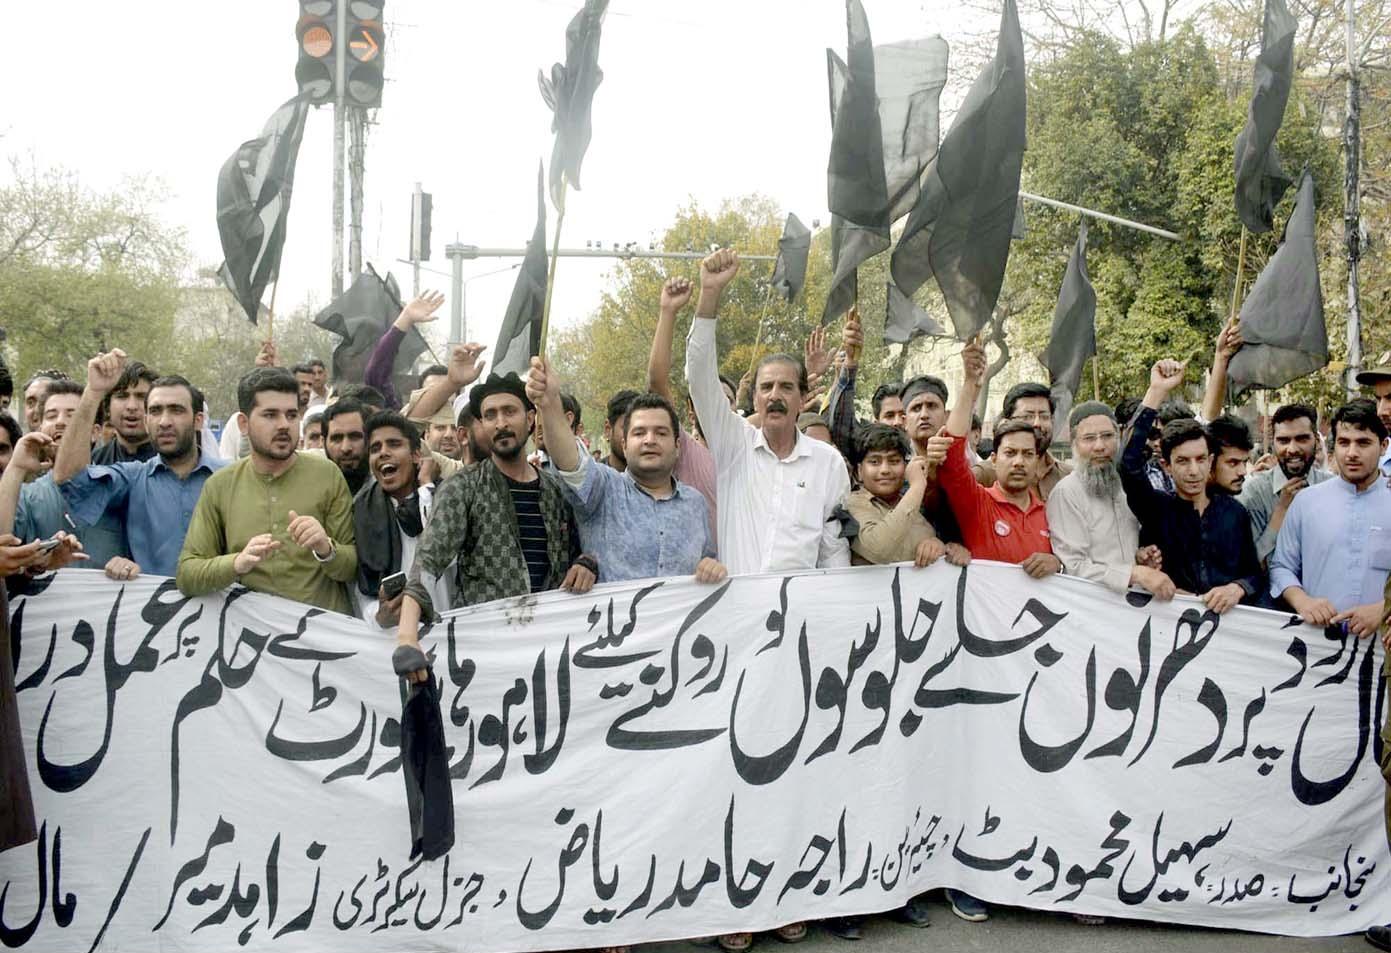 لاہور،تاجر برادری فیصل چوک پر مطالبات کے حق میں مظاہرہ کررہی ہے